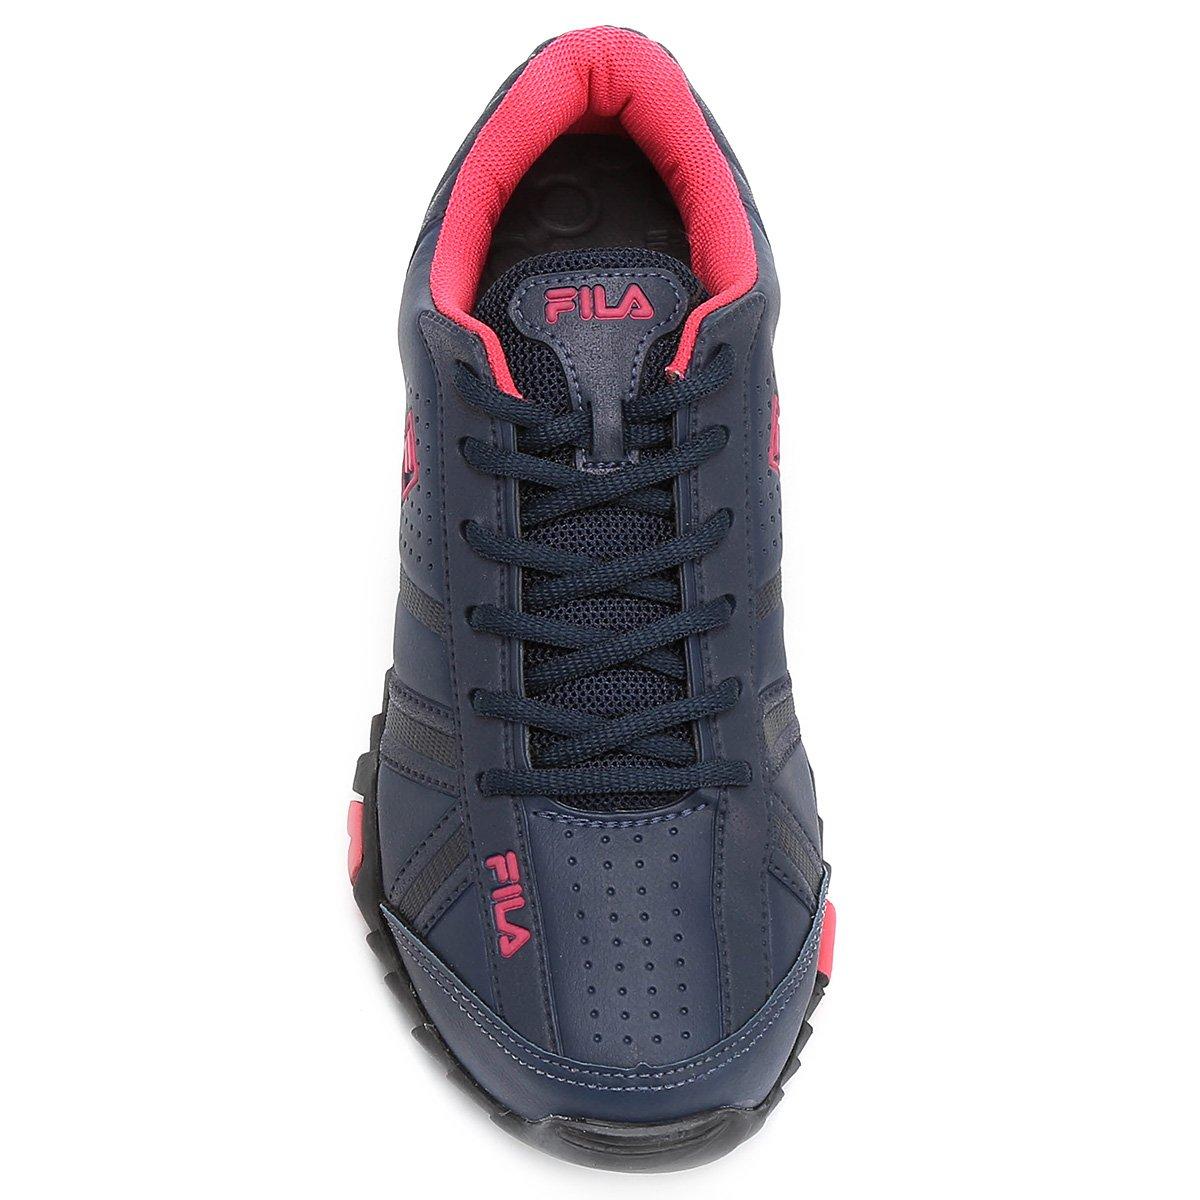 Tênis Fila Slant Force Feminino - Marinho e Pink - Compre Agora ... e5ab44038c184